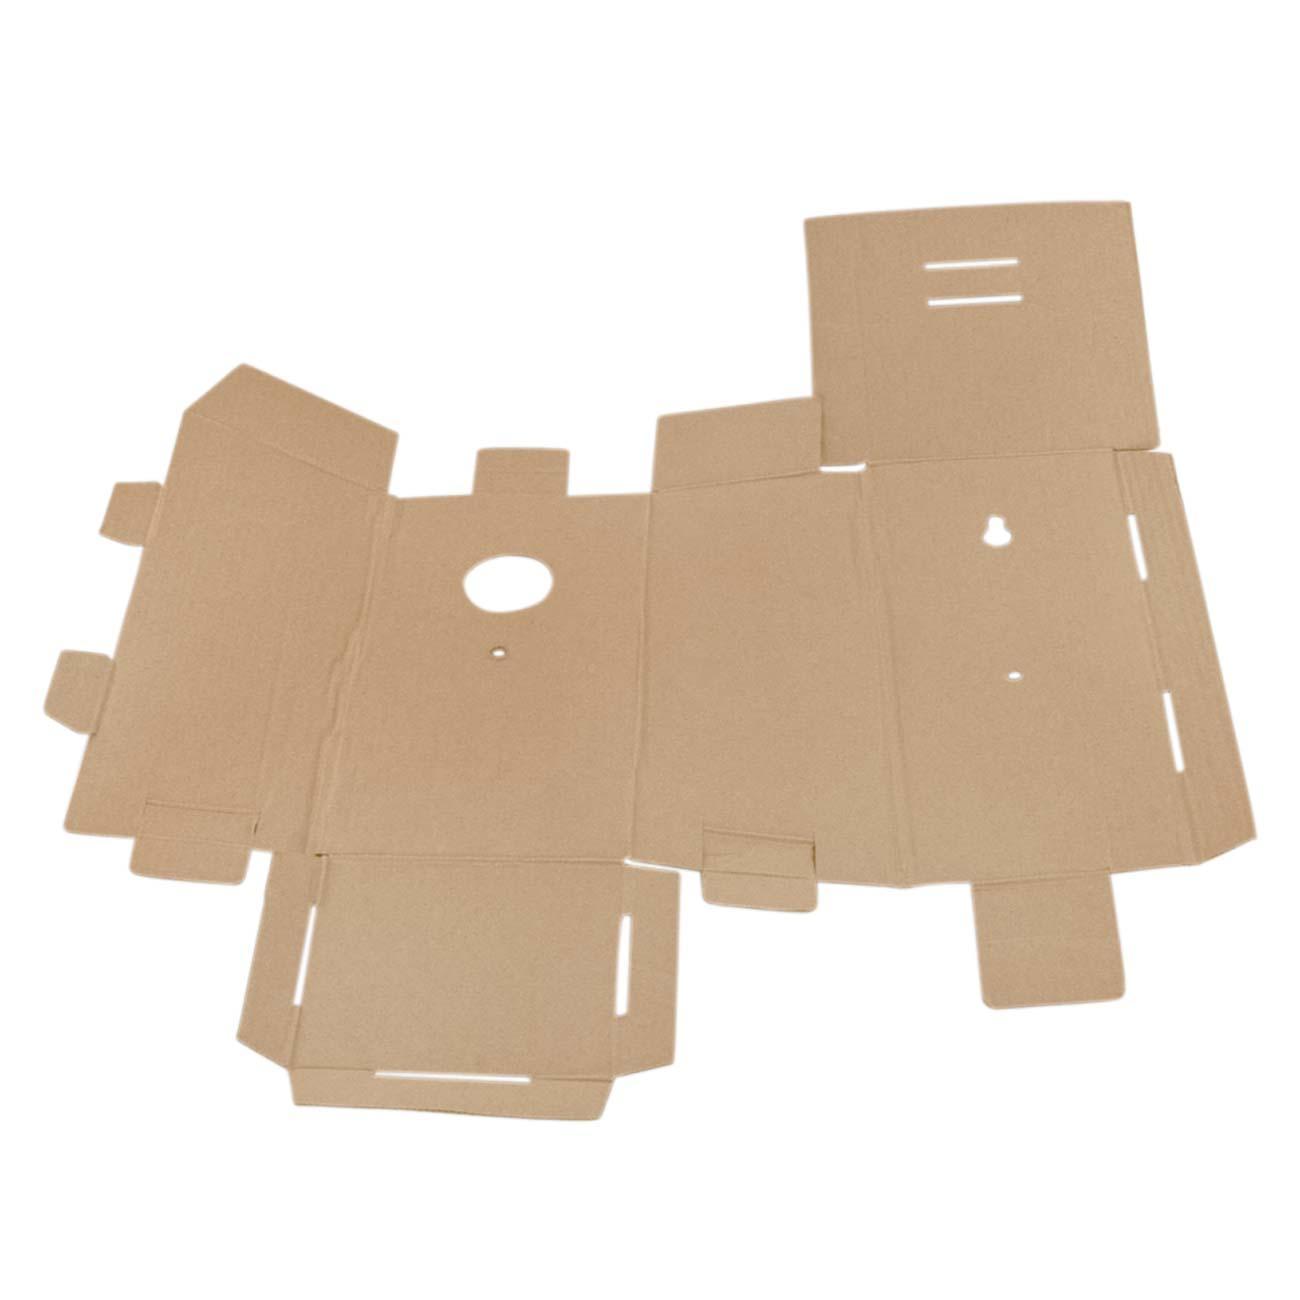 luminaria vogelhaus komplettpackungen rund ums papier basteln im junghans wolle creativ. Black Bedroom Furniture Sets. Home Design Ideas